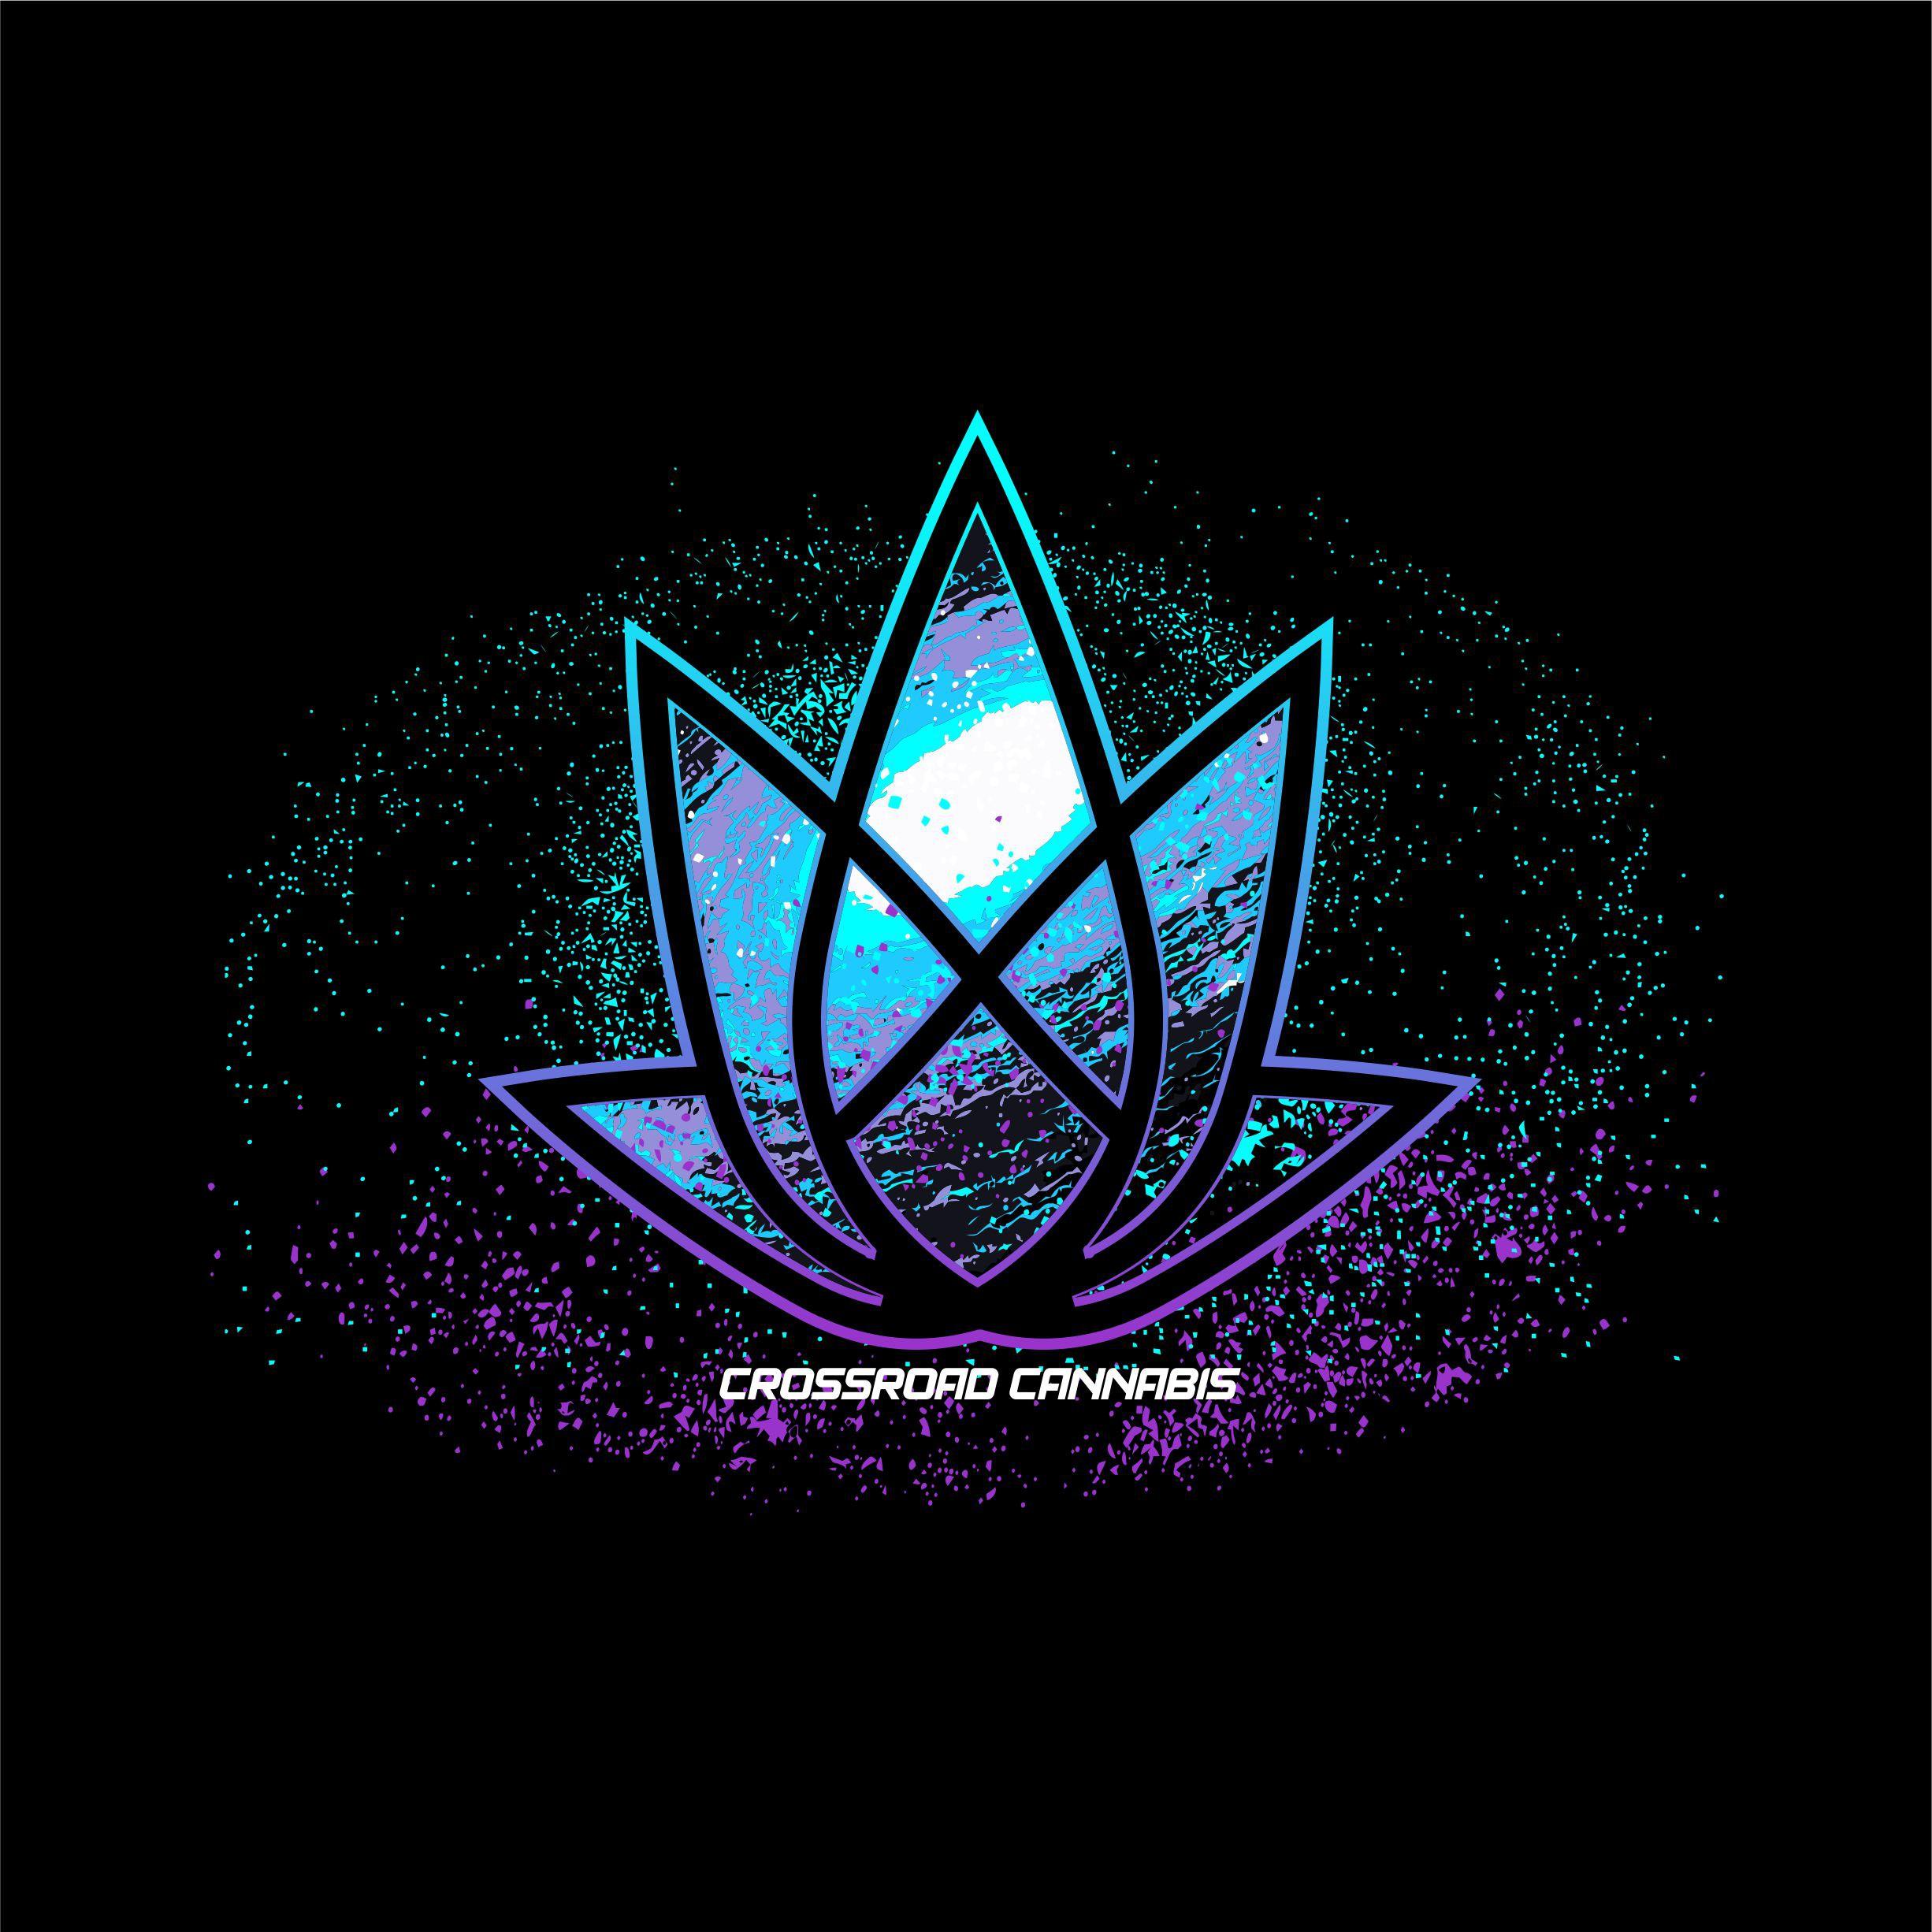 Crossroads Cannabis T-Shirt Design